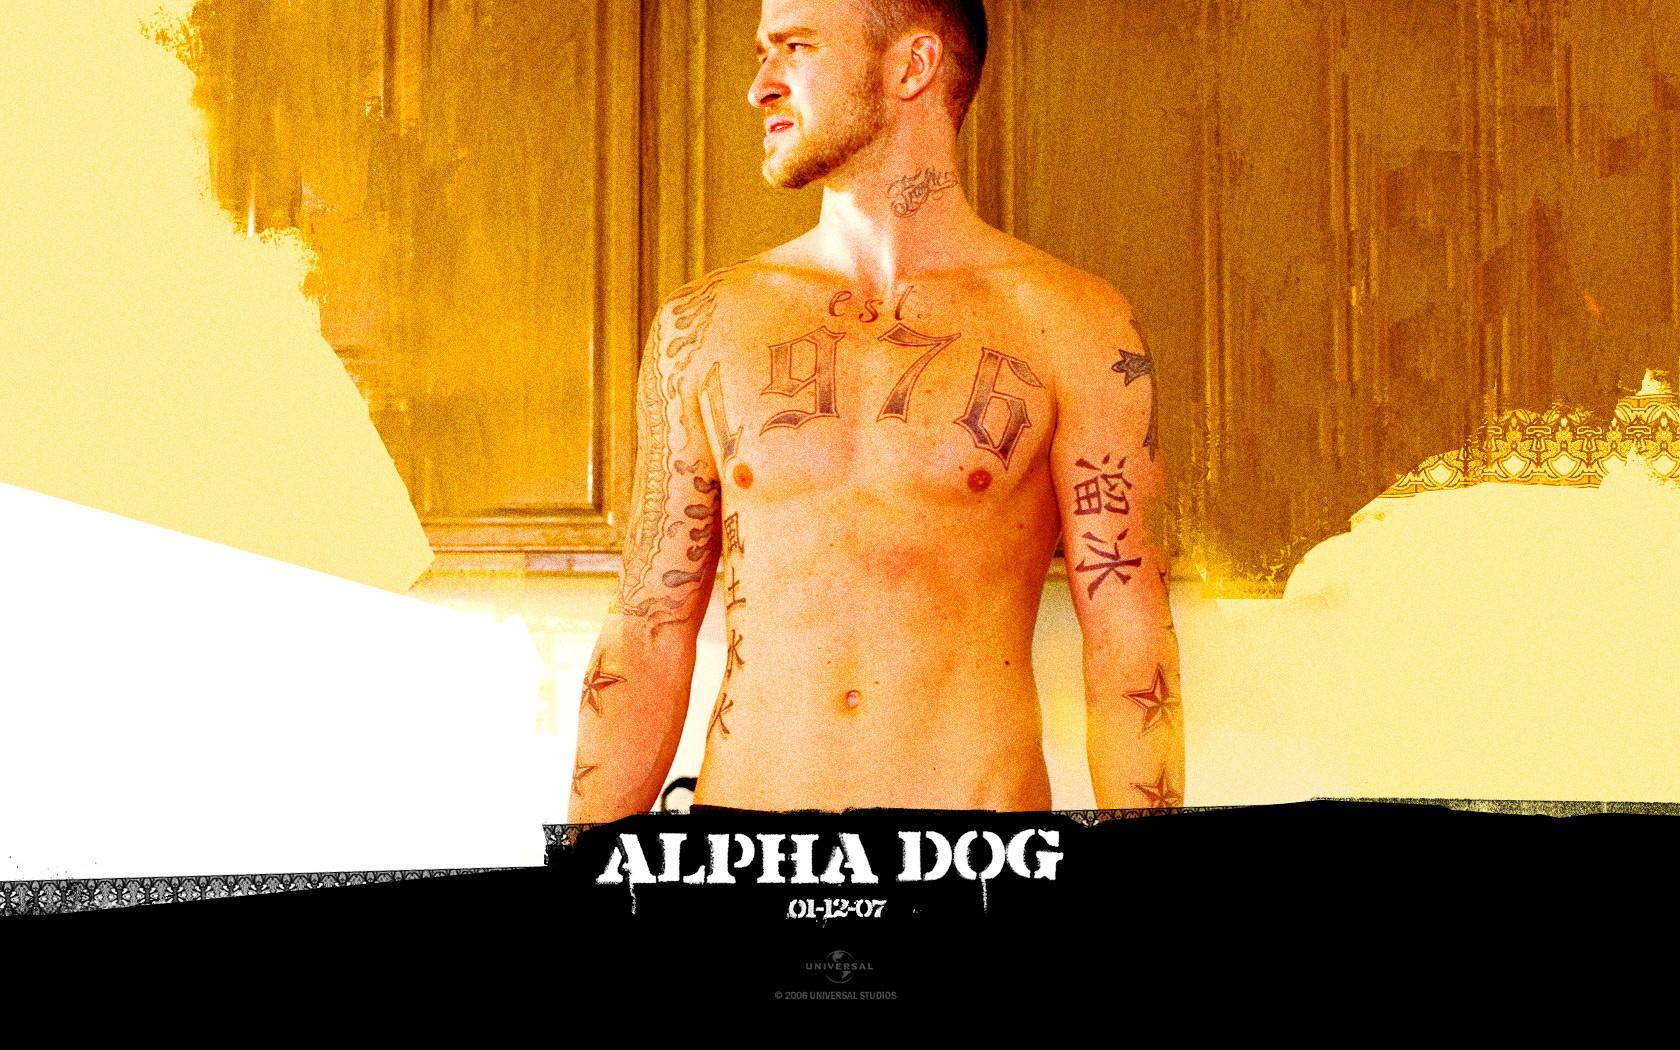 Un sexy wallpaper di Frankie interpretato da Justin Timberlake in 'Alpha Dog'